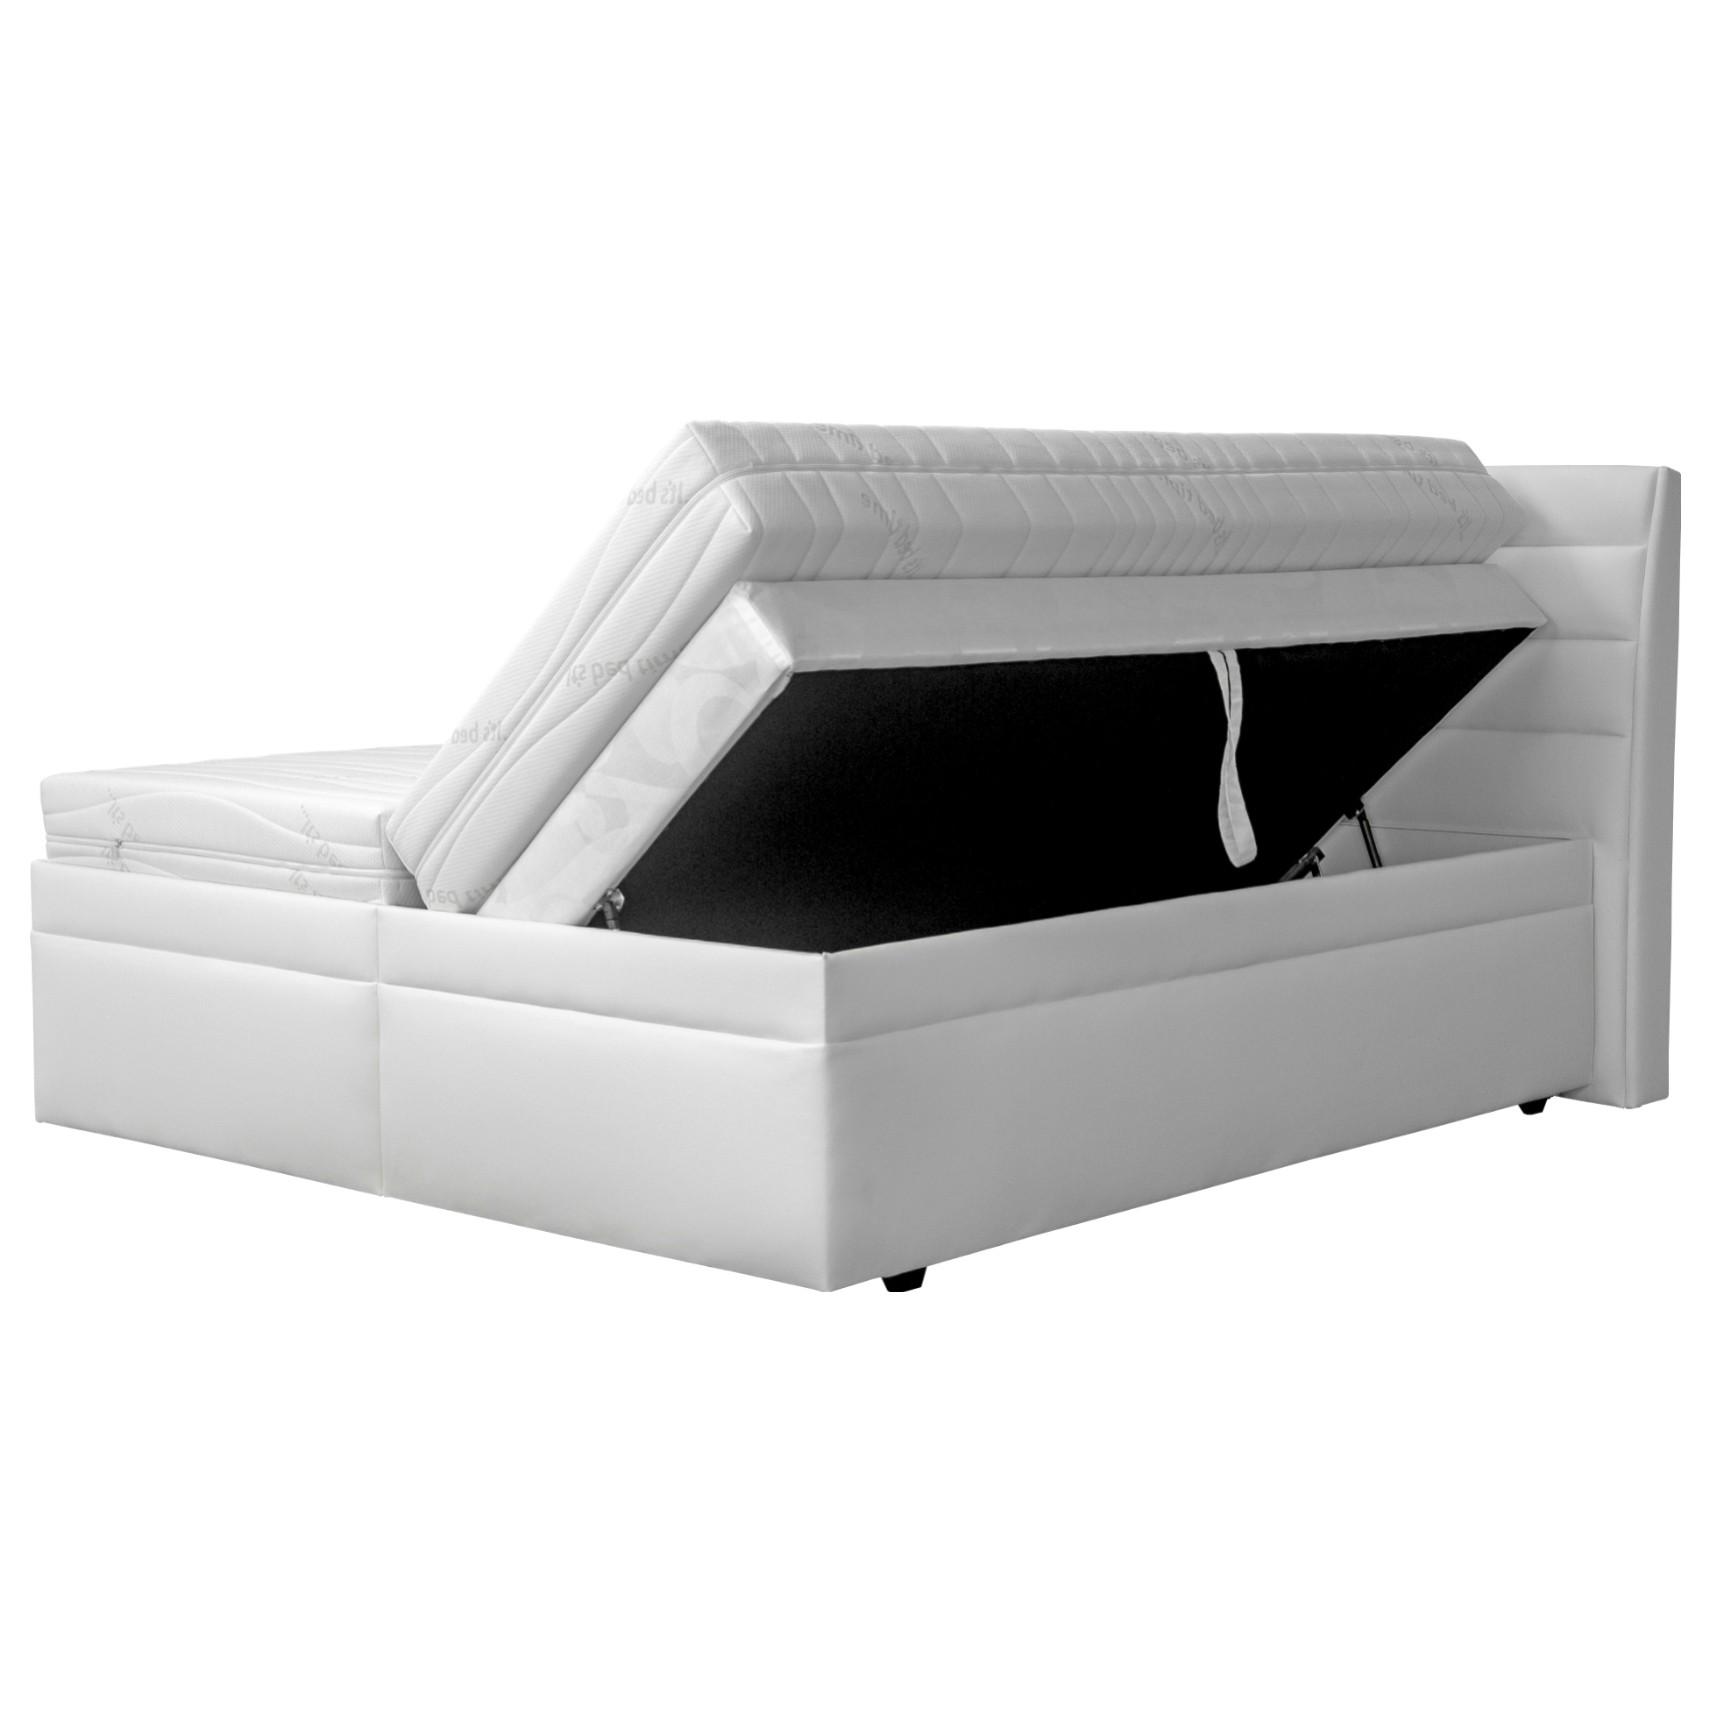 Sconto Posteľ boxspring OLYMPIE 160x200 cm Táto moderná a praktická posteľ typu boxspring obsahuje všetko potrebné pre váš spánok.